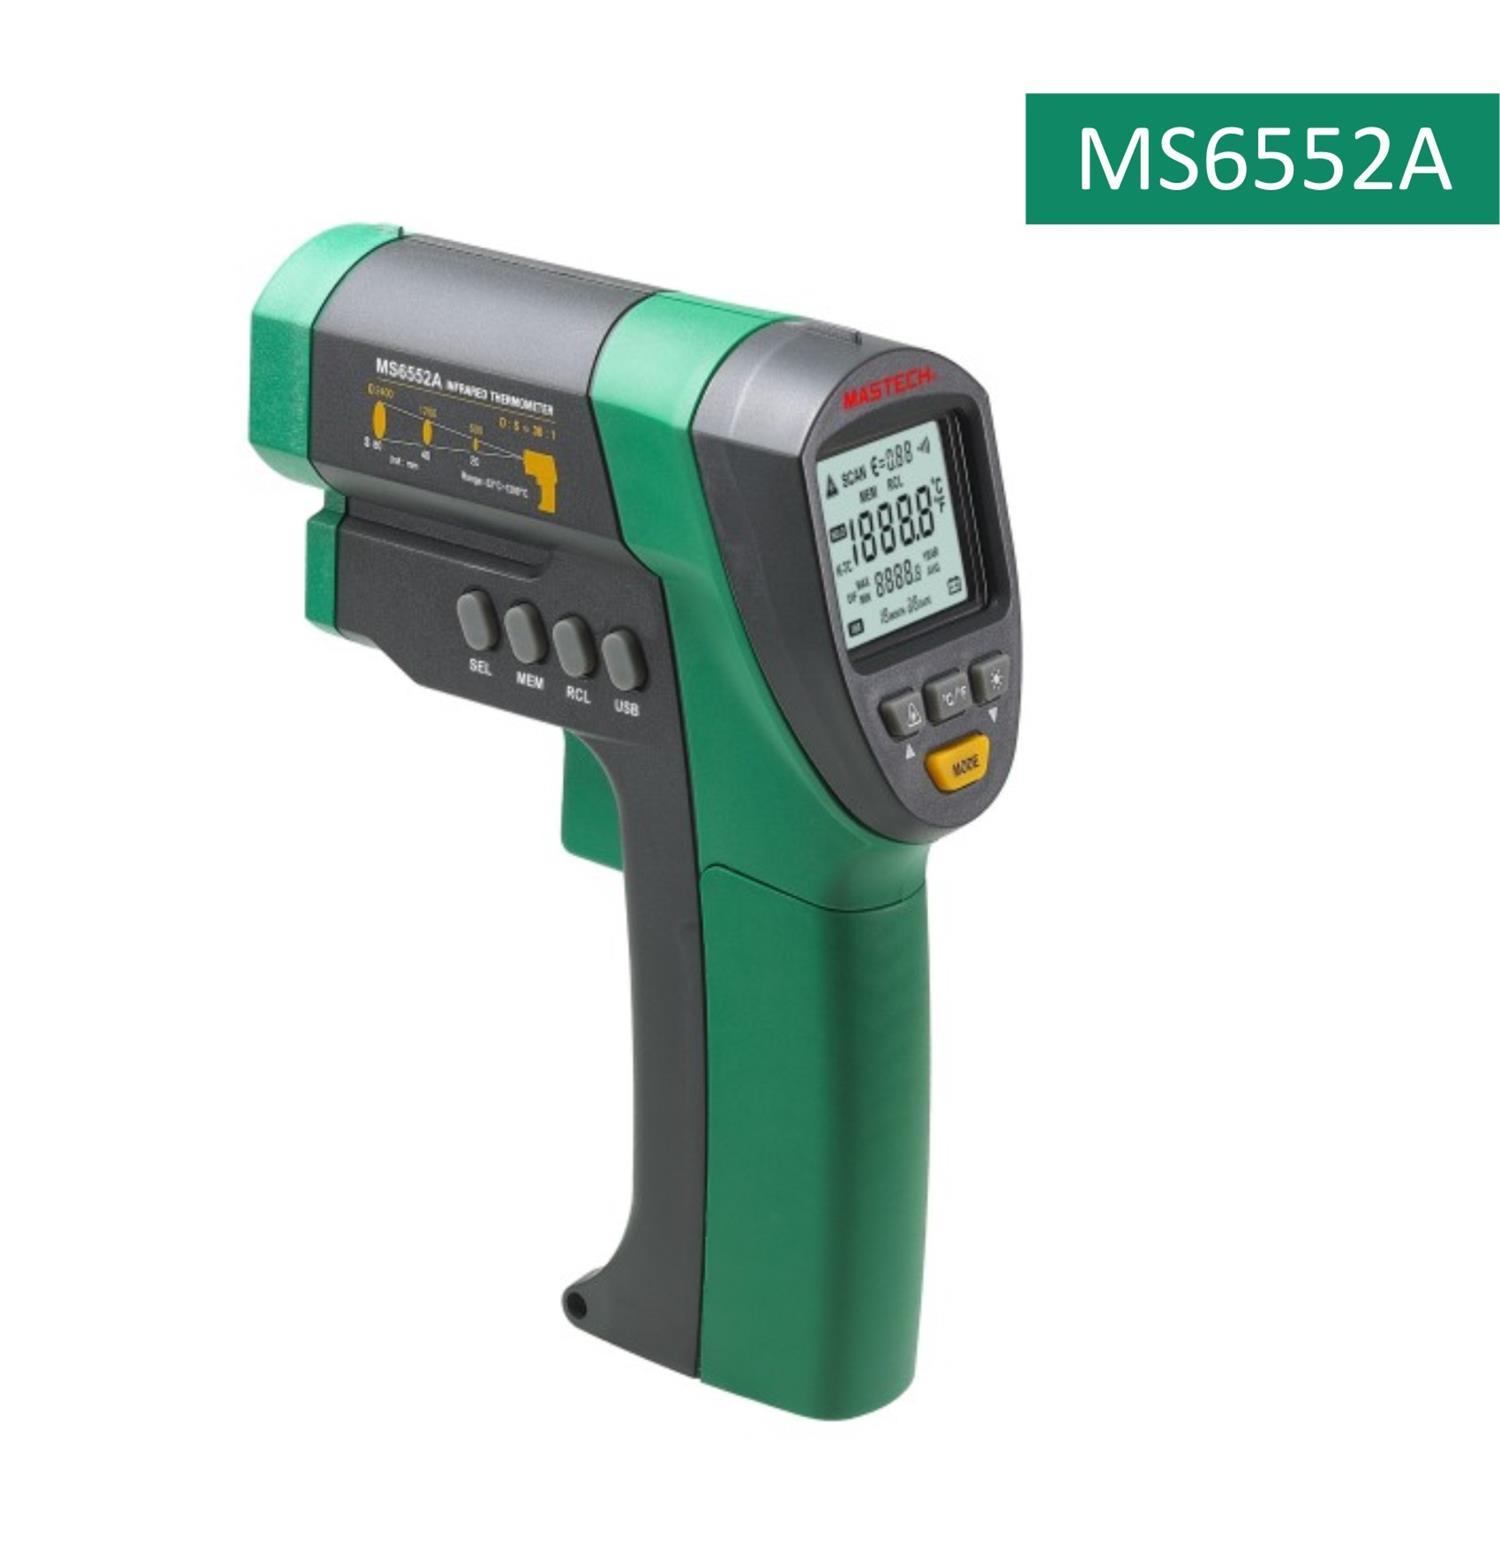 MS6552A